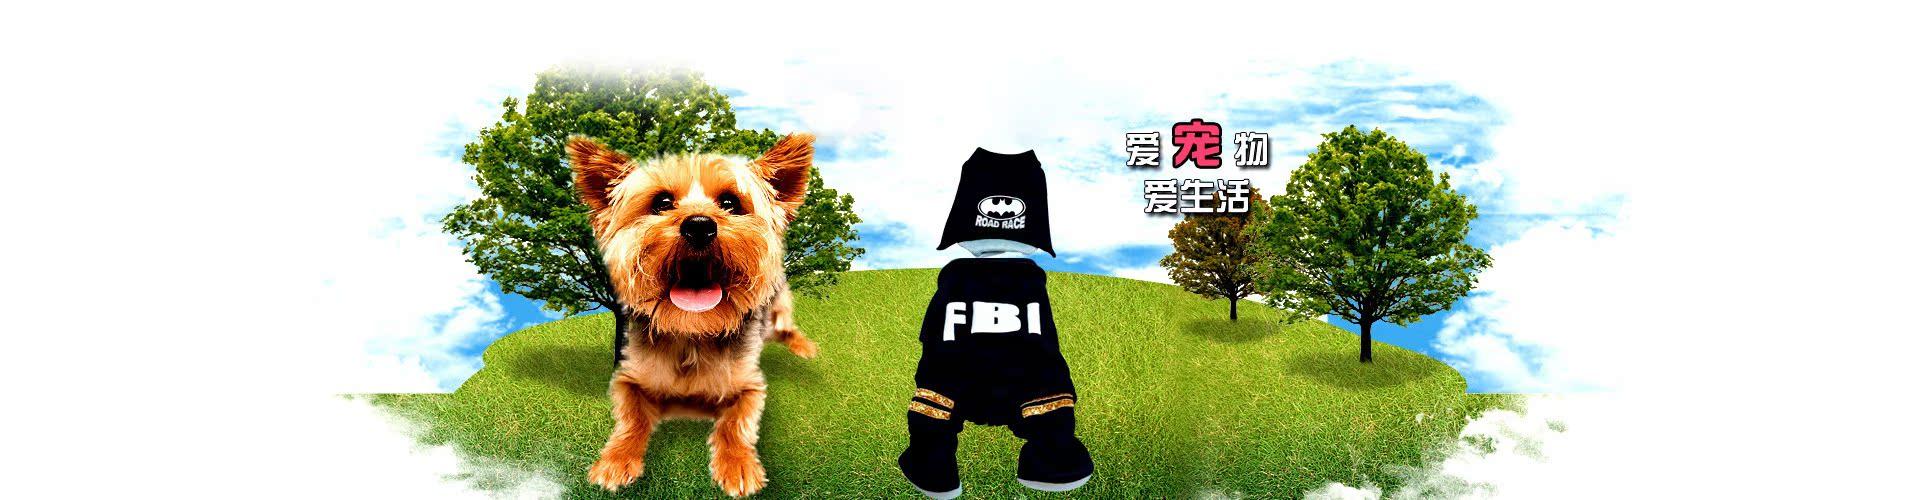 2015春秋新款法兰绒宠物服饰狗服装狗衣服宠物用品厂家直销批发